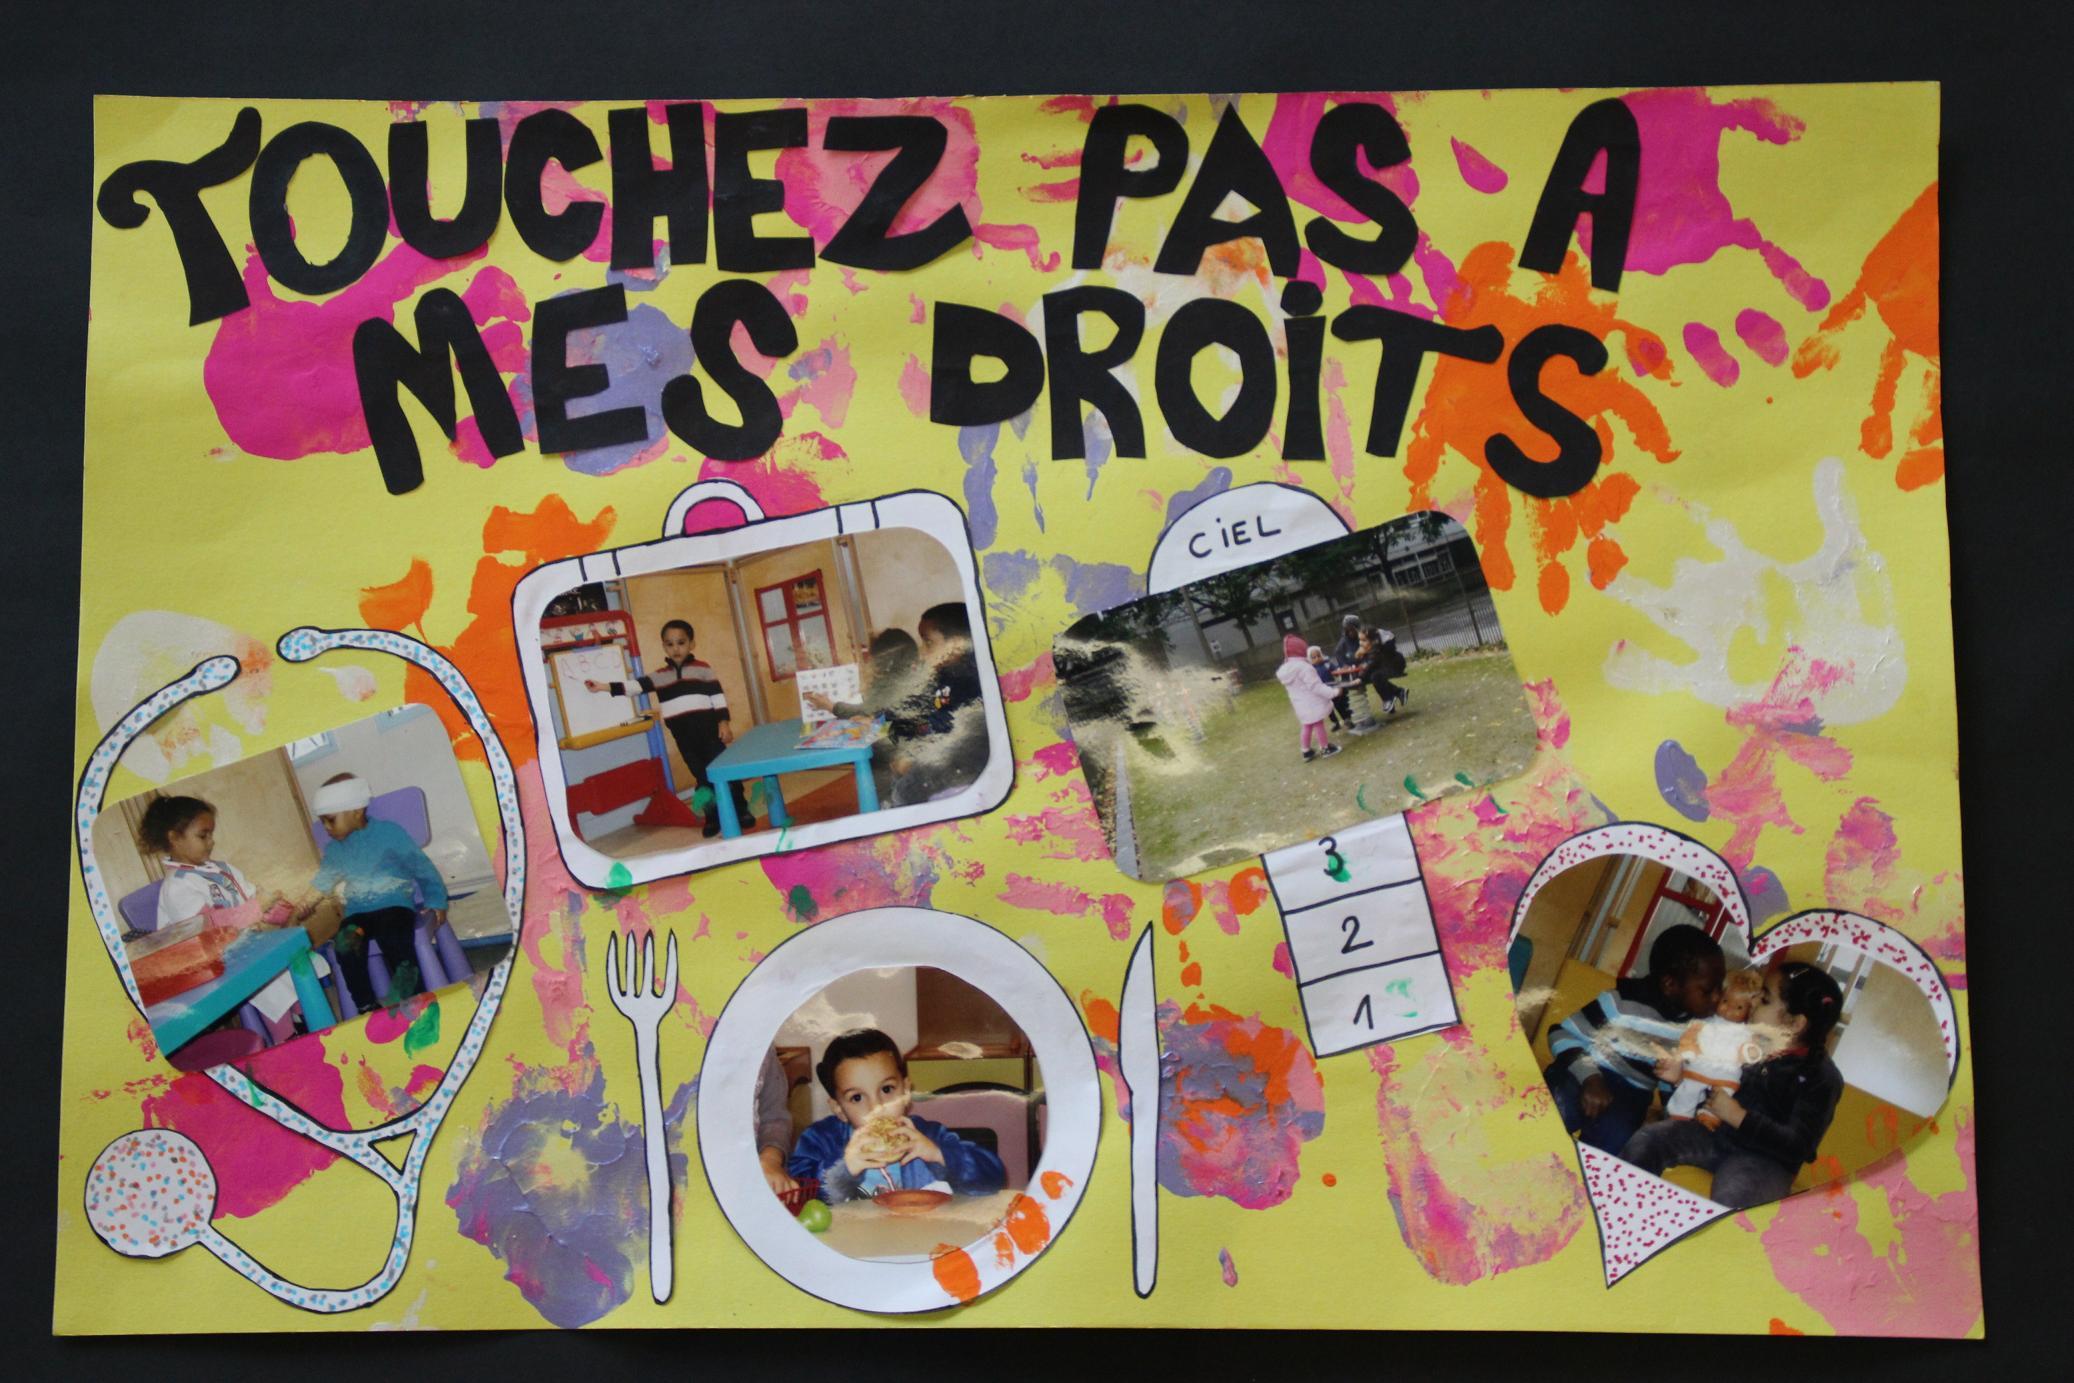 Très Le Blog des Francas de Seine-Saint-Denis UH15